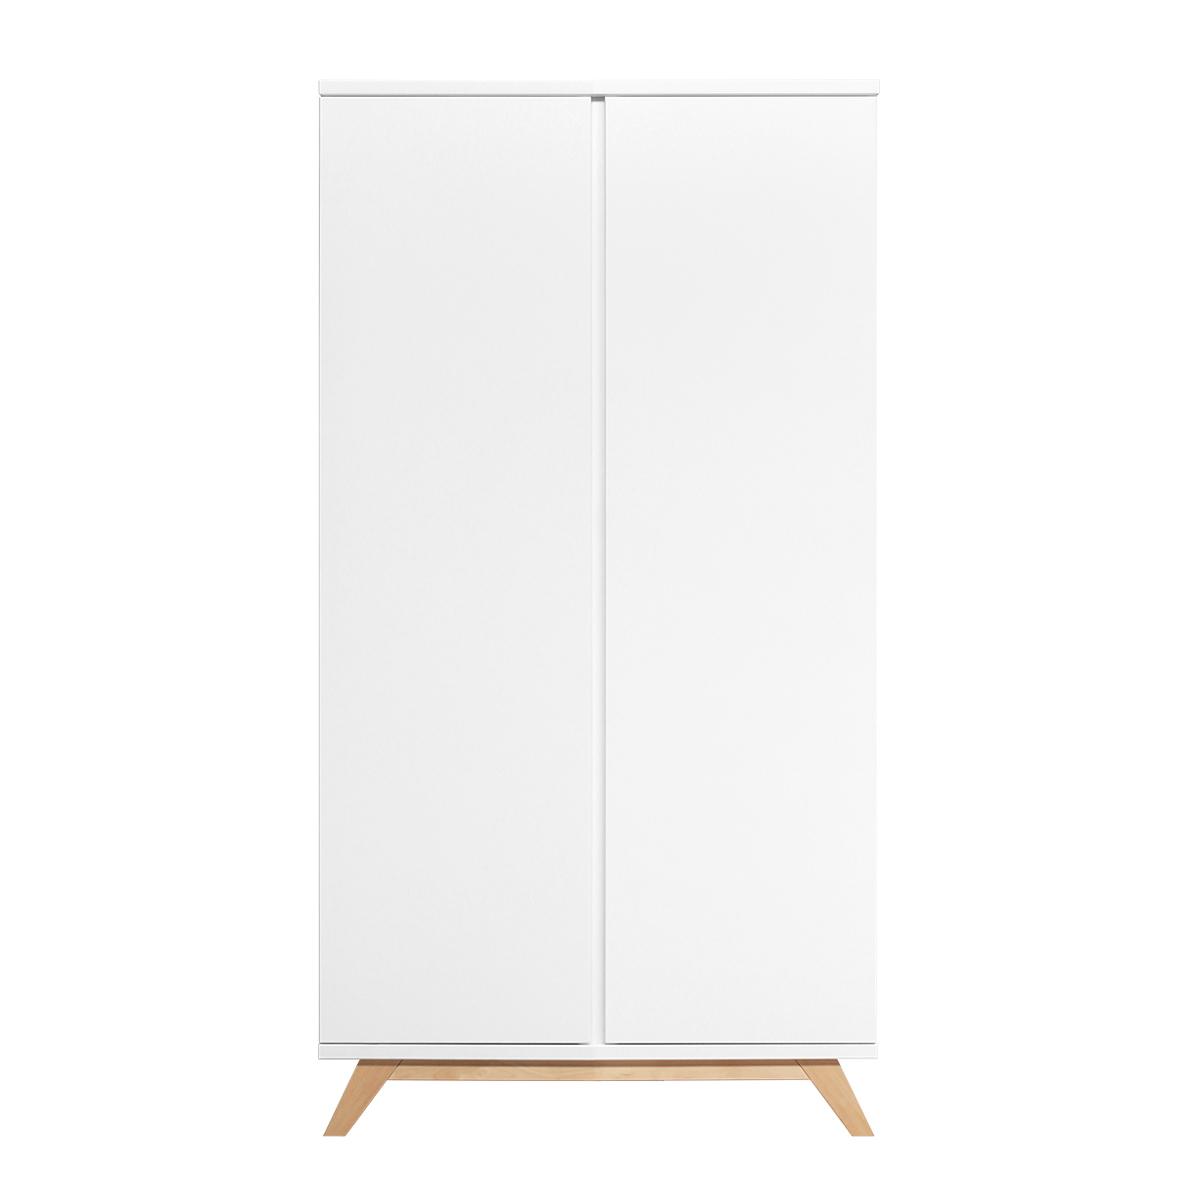 Armoire 2 portes blanc bois